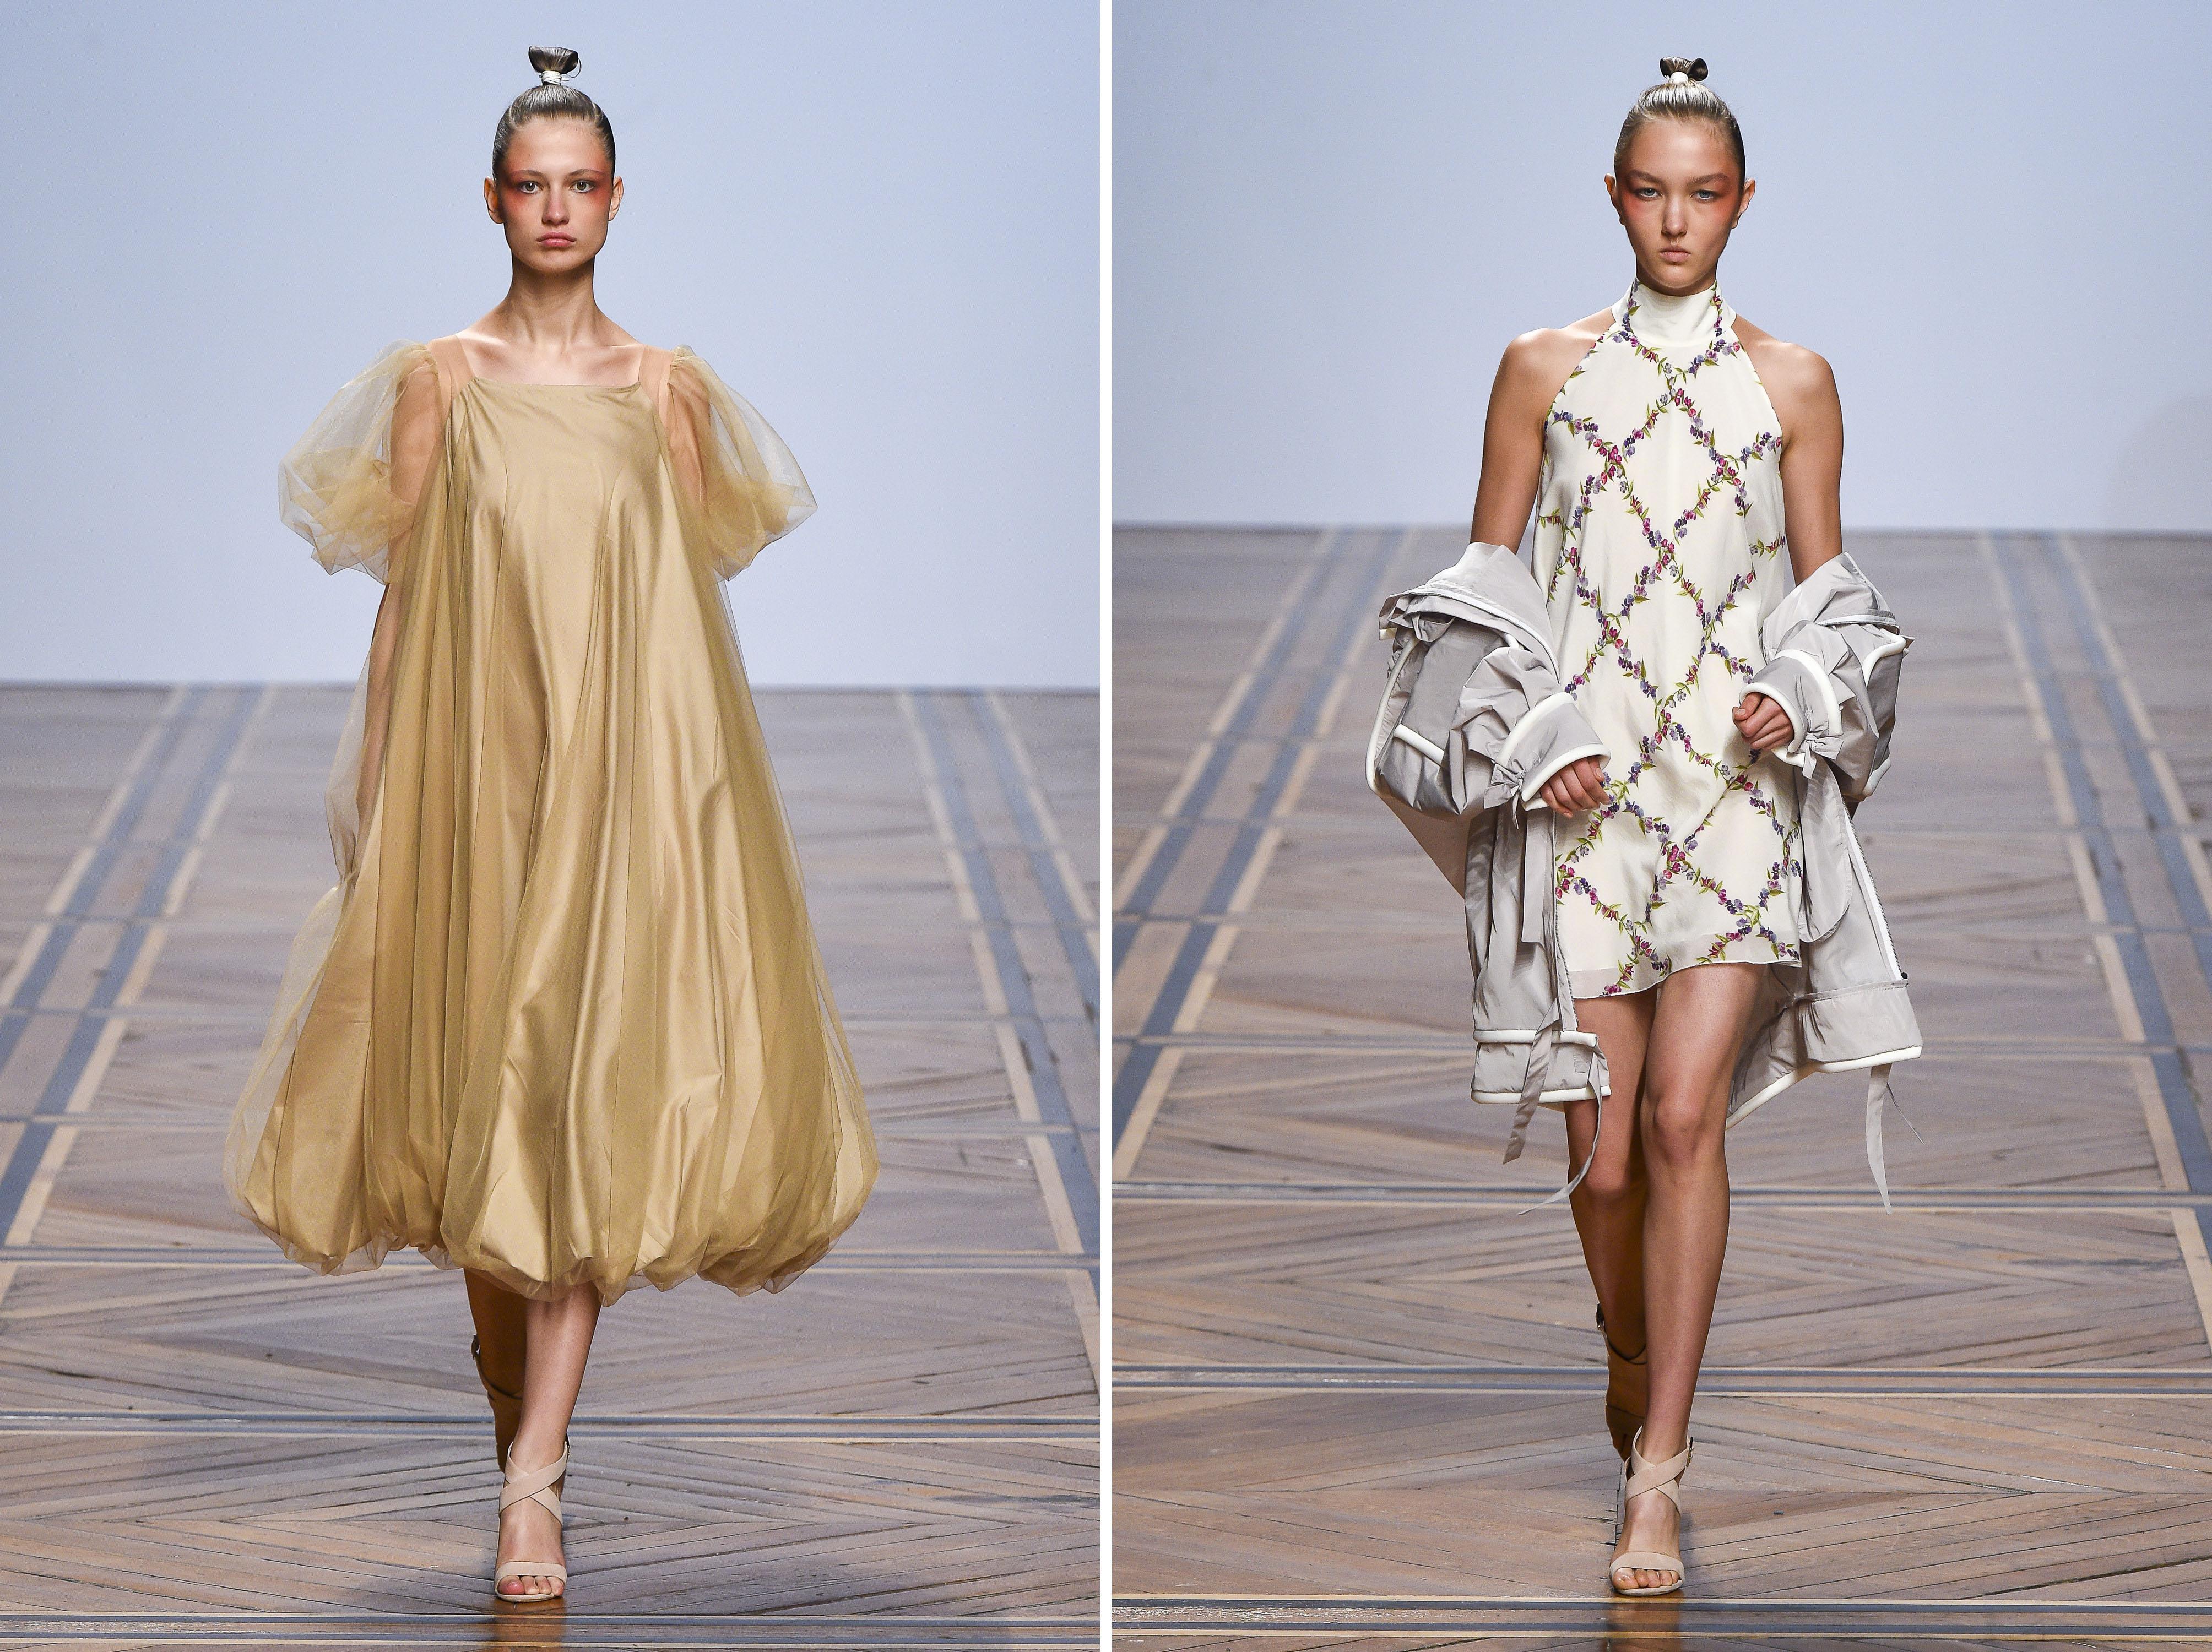 ff94f896c9cf Российская мода давно покоряет мировые подиумы, но редко кто из дизайнеров  стабильно возит свои новые коллекции на мировые недели моды. В отличие от  многих ...